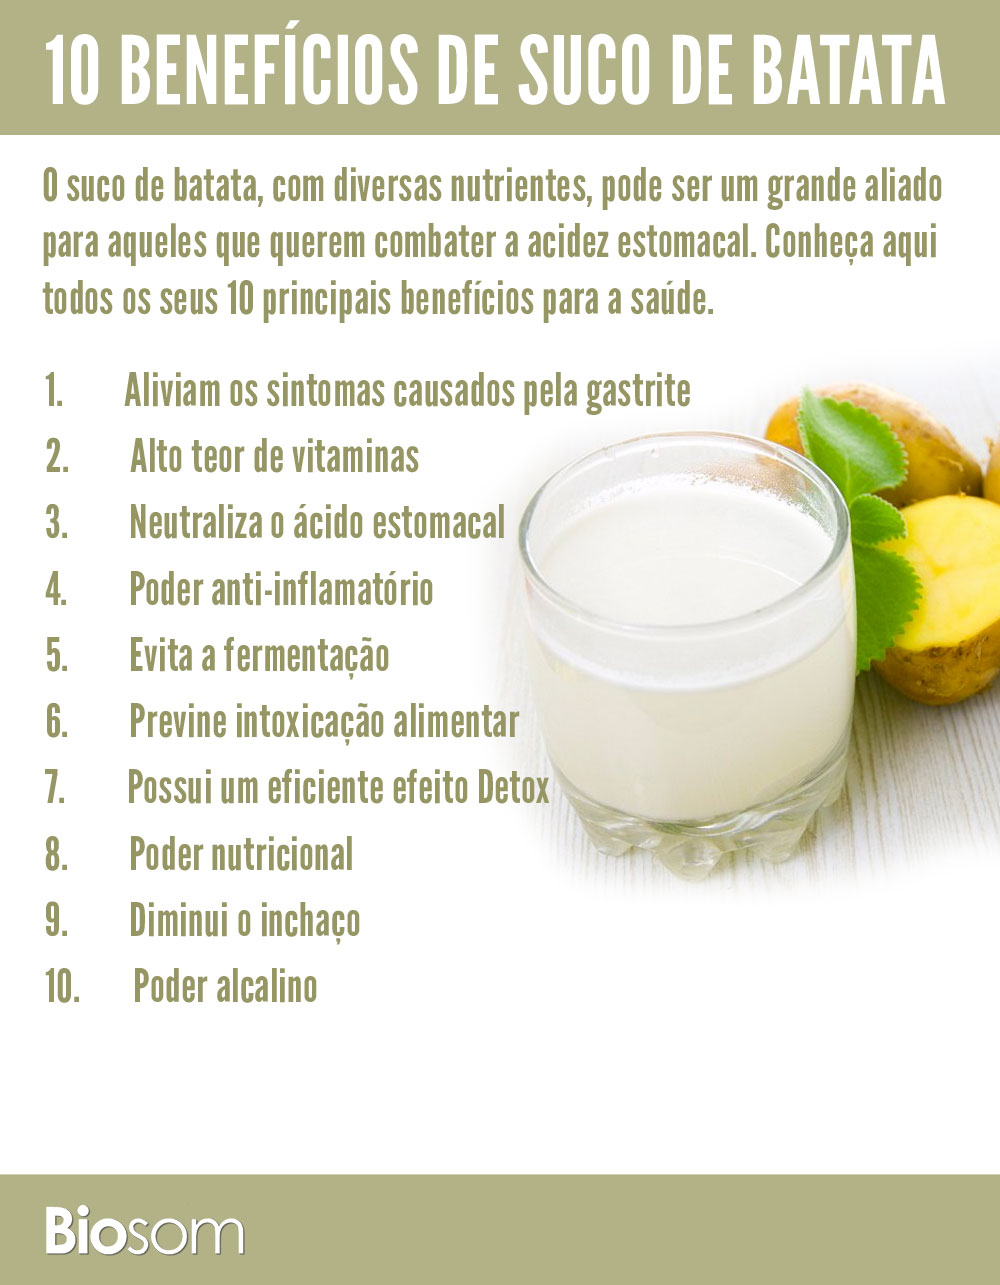 10 benefícios do suco de batata para a saúde